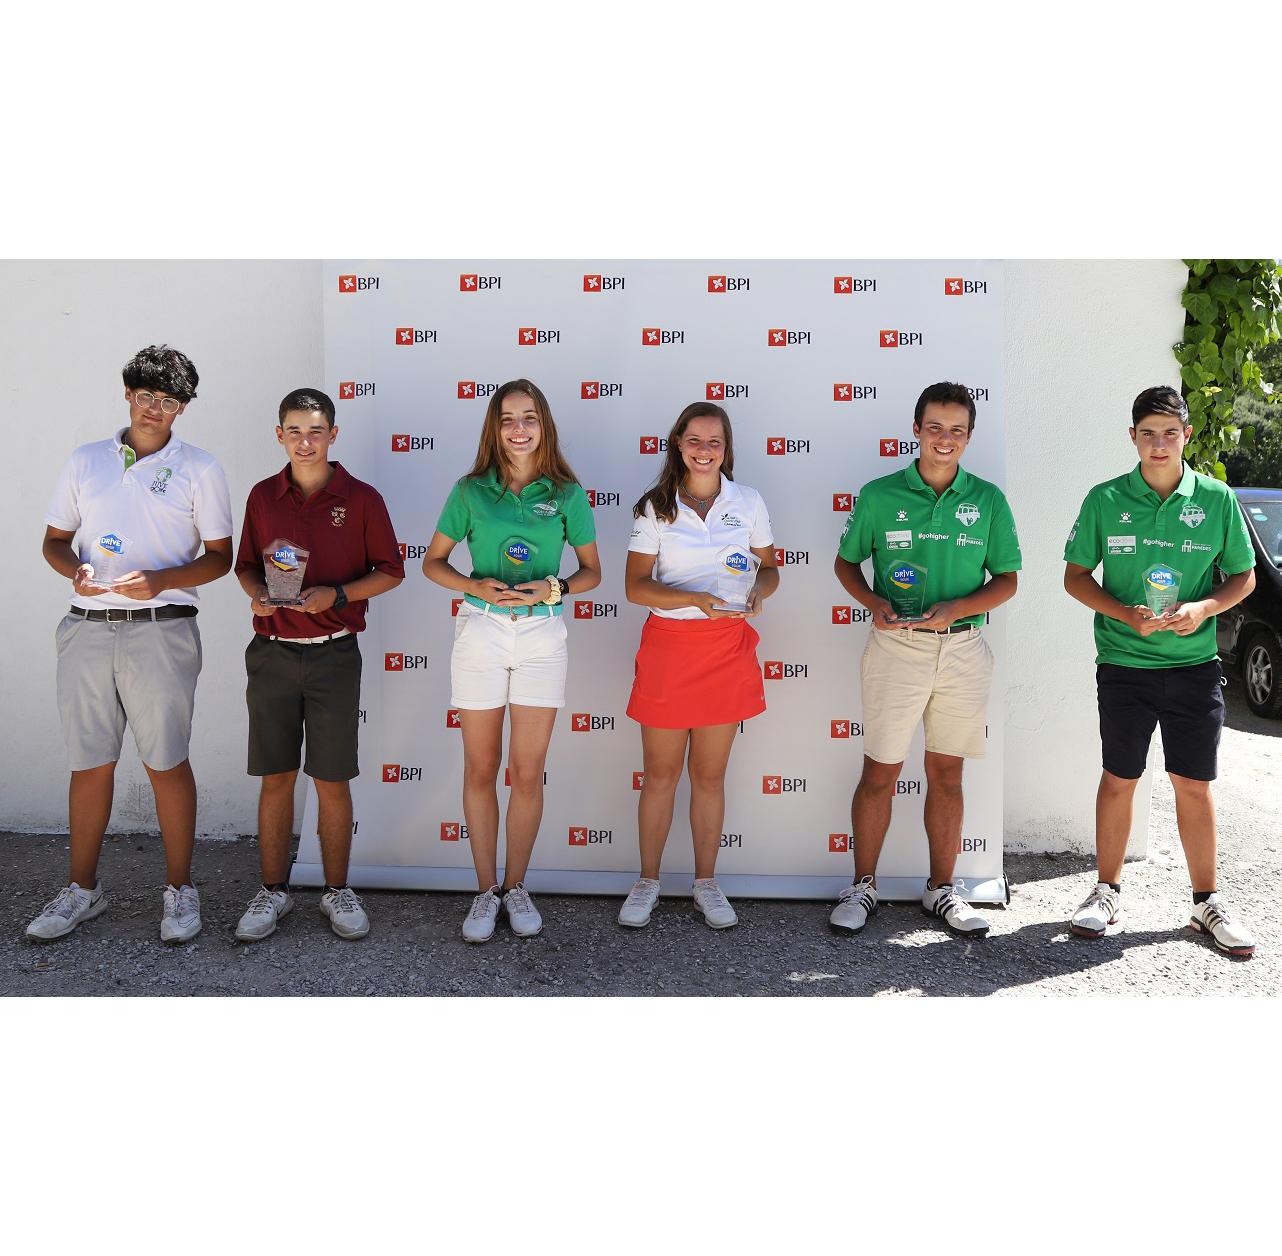 4.º Torneio Drive Tour – Jovens craques mostram-se em várias frentes